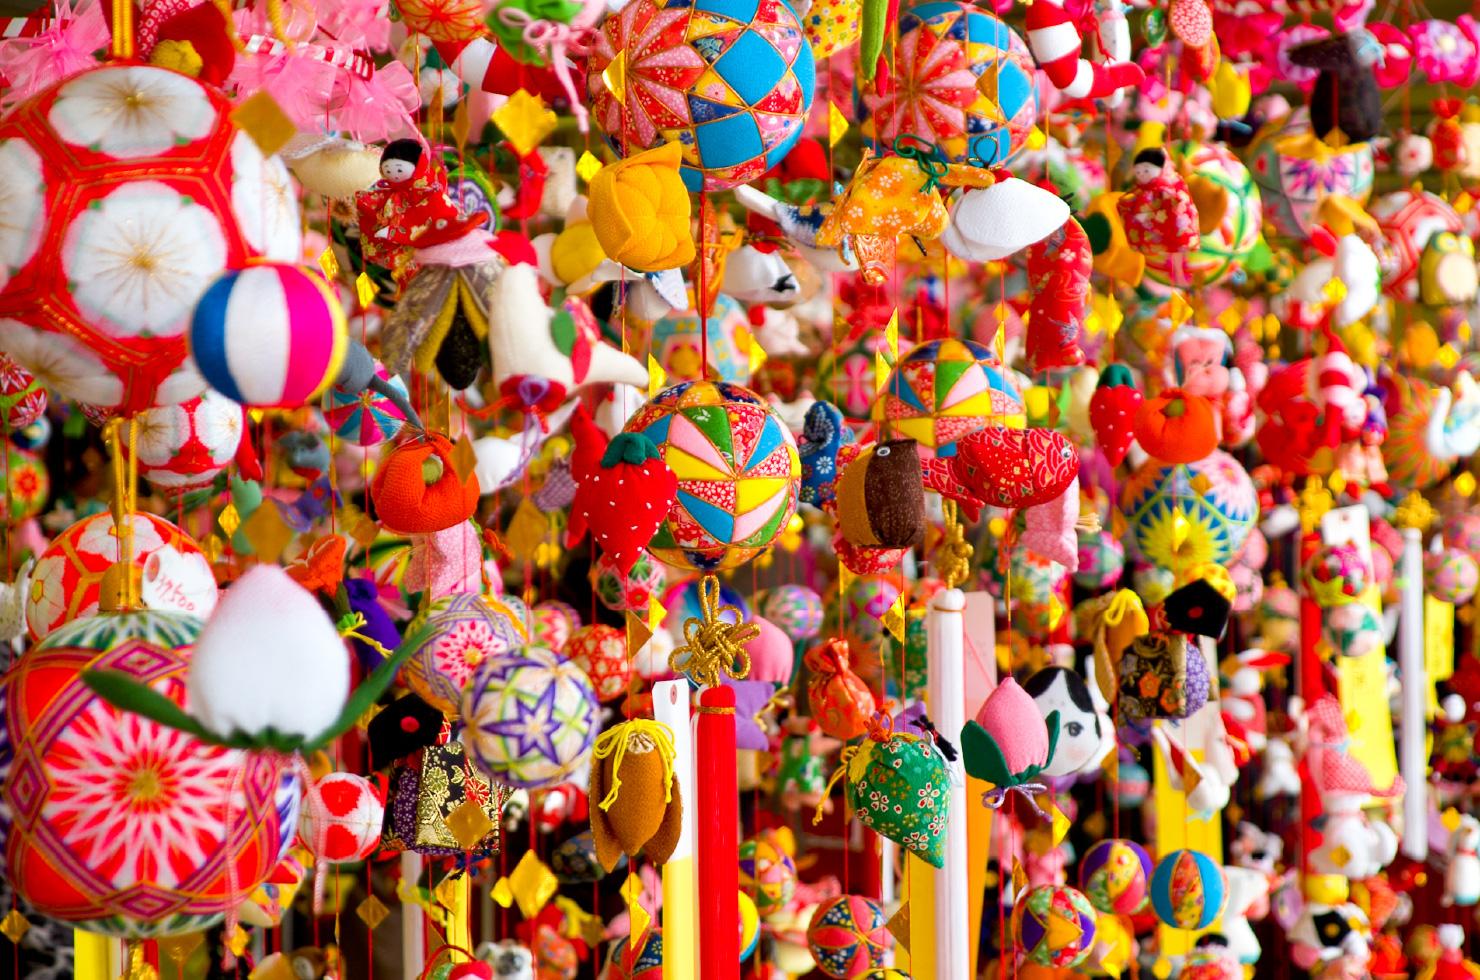 鶴、亀、海老、三番叟など縁起のいい物を吊るし、女の子の幸せと健康などを願う「さげもん」